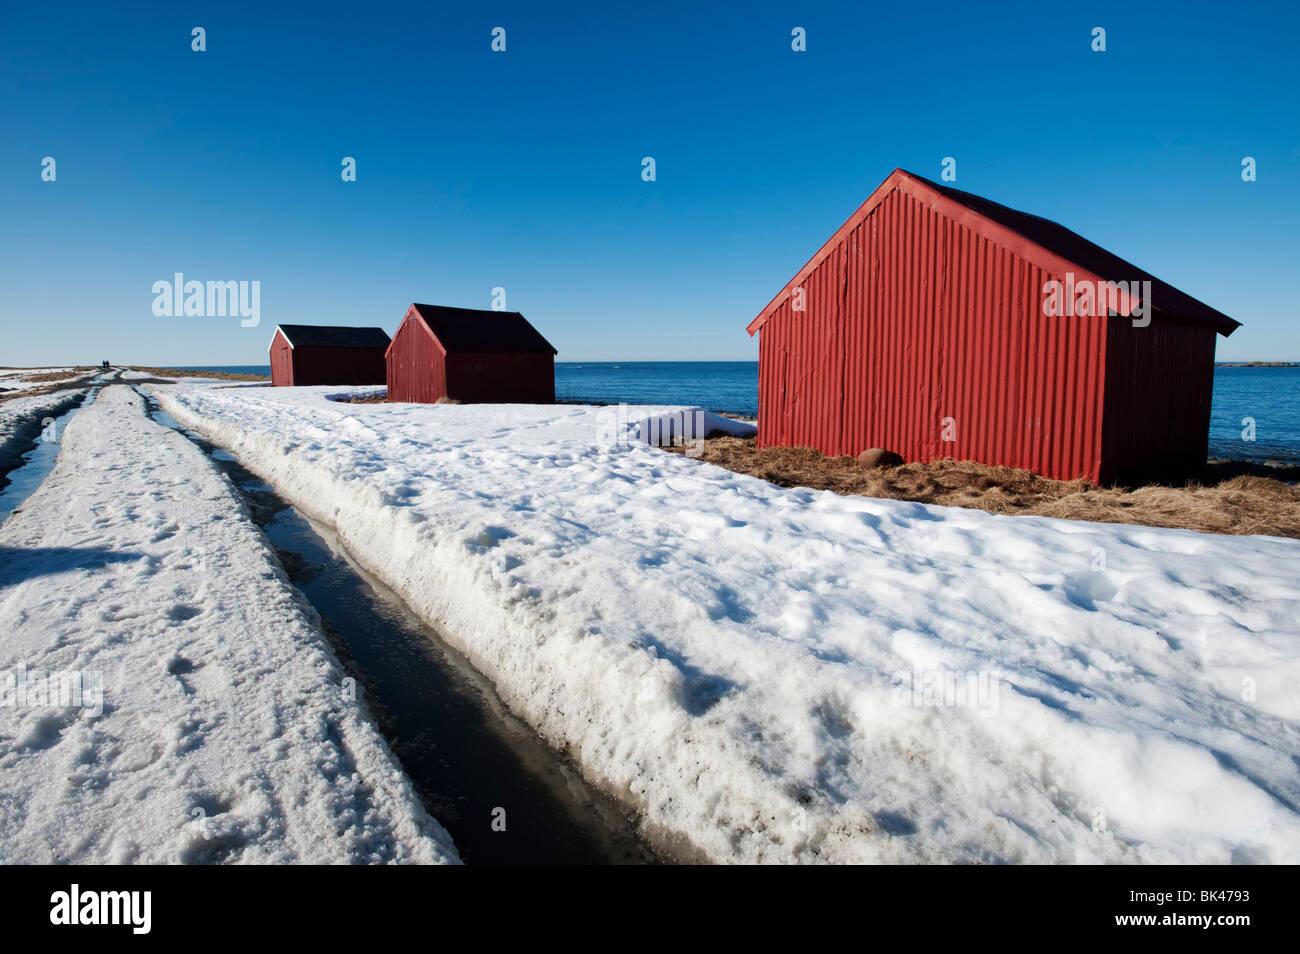 Capanna rosso dal mare nel villaggio di Eggum sulle Isole Lofoten in Norvegia Immagini Stock